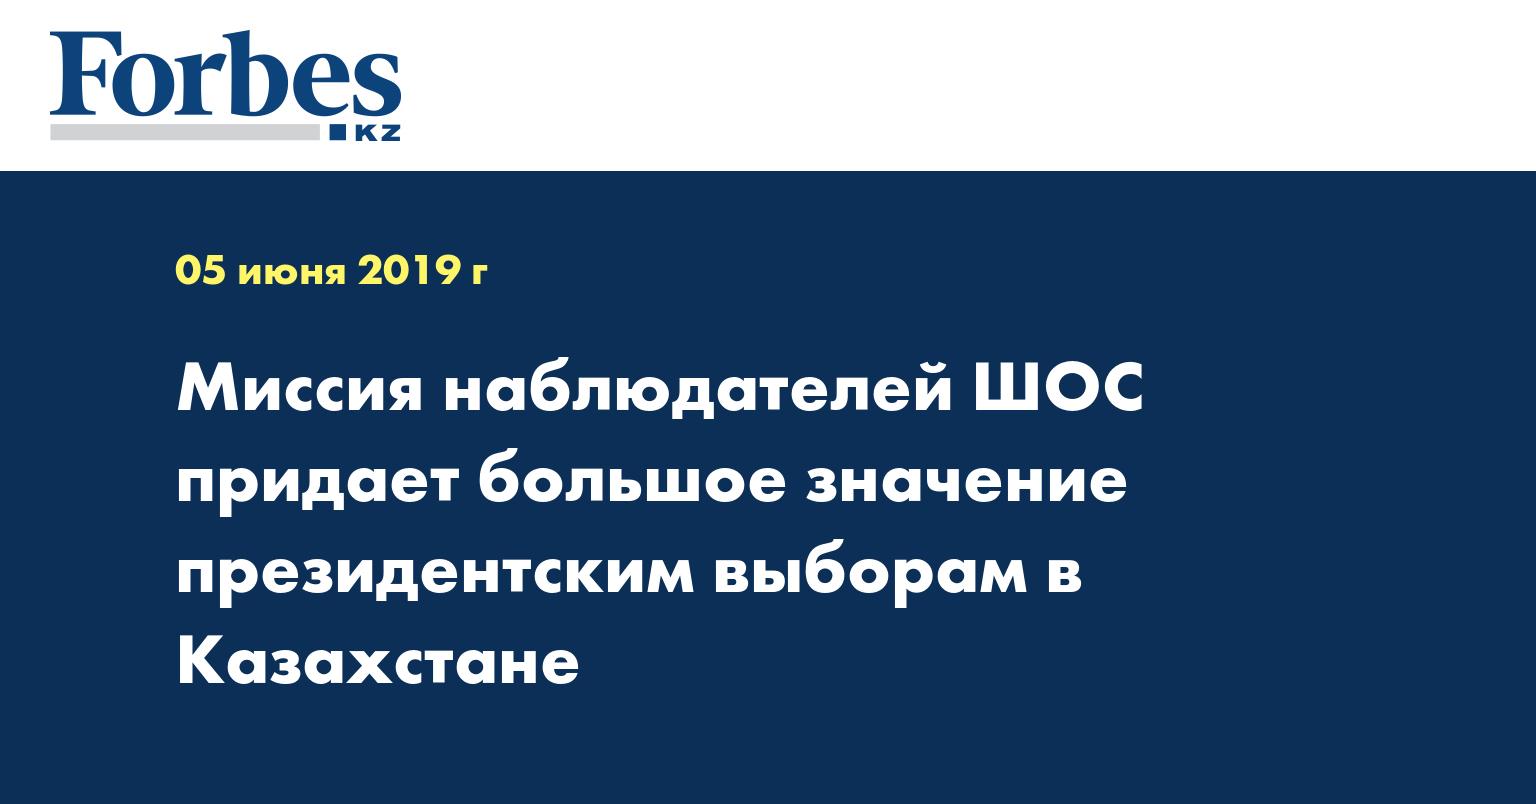 Миссия наблюдателей ШОС придаёт большое значение президентским выборам в Казахстане